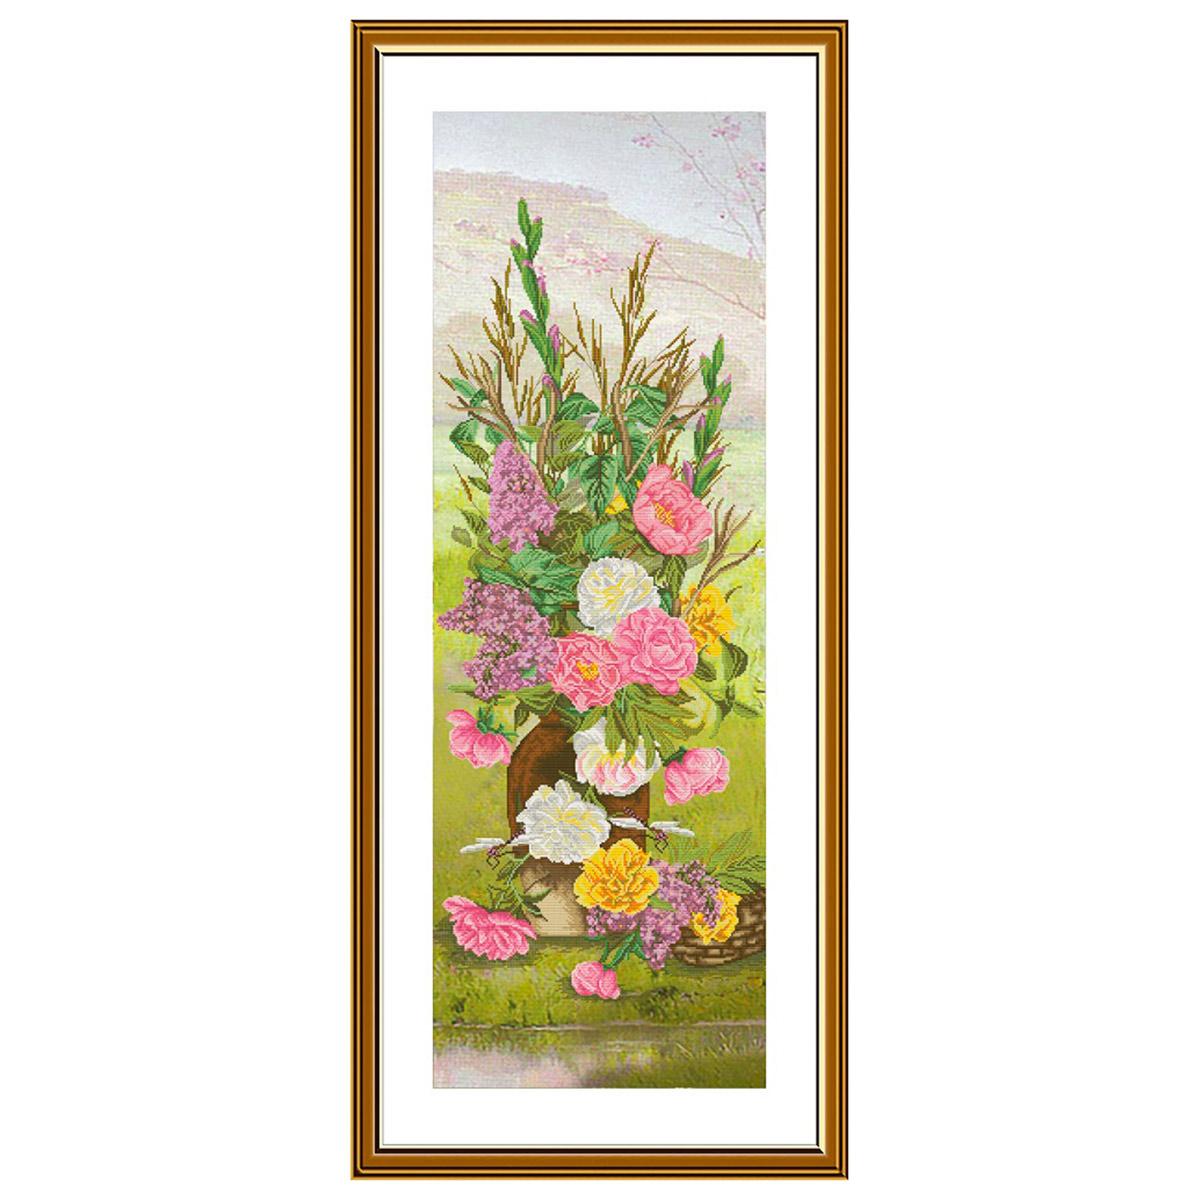 СР6239 Набор для вышивания 'Четыре сезона. Весна'29 x84 см